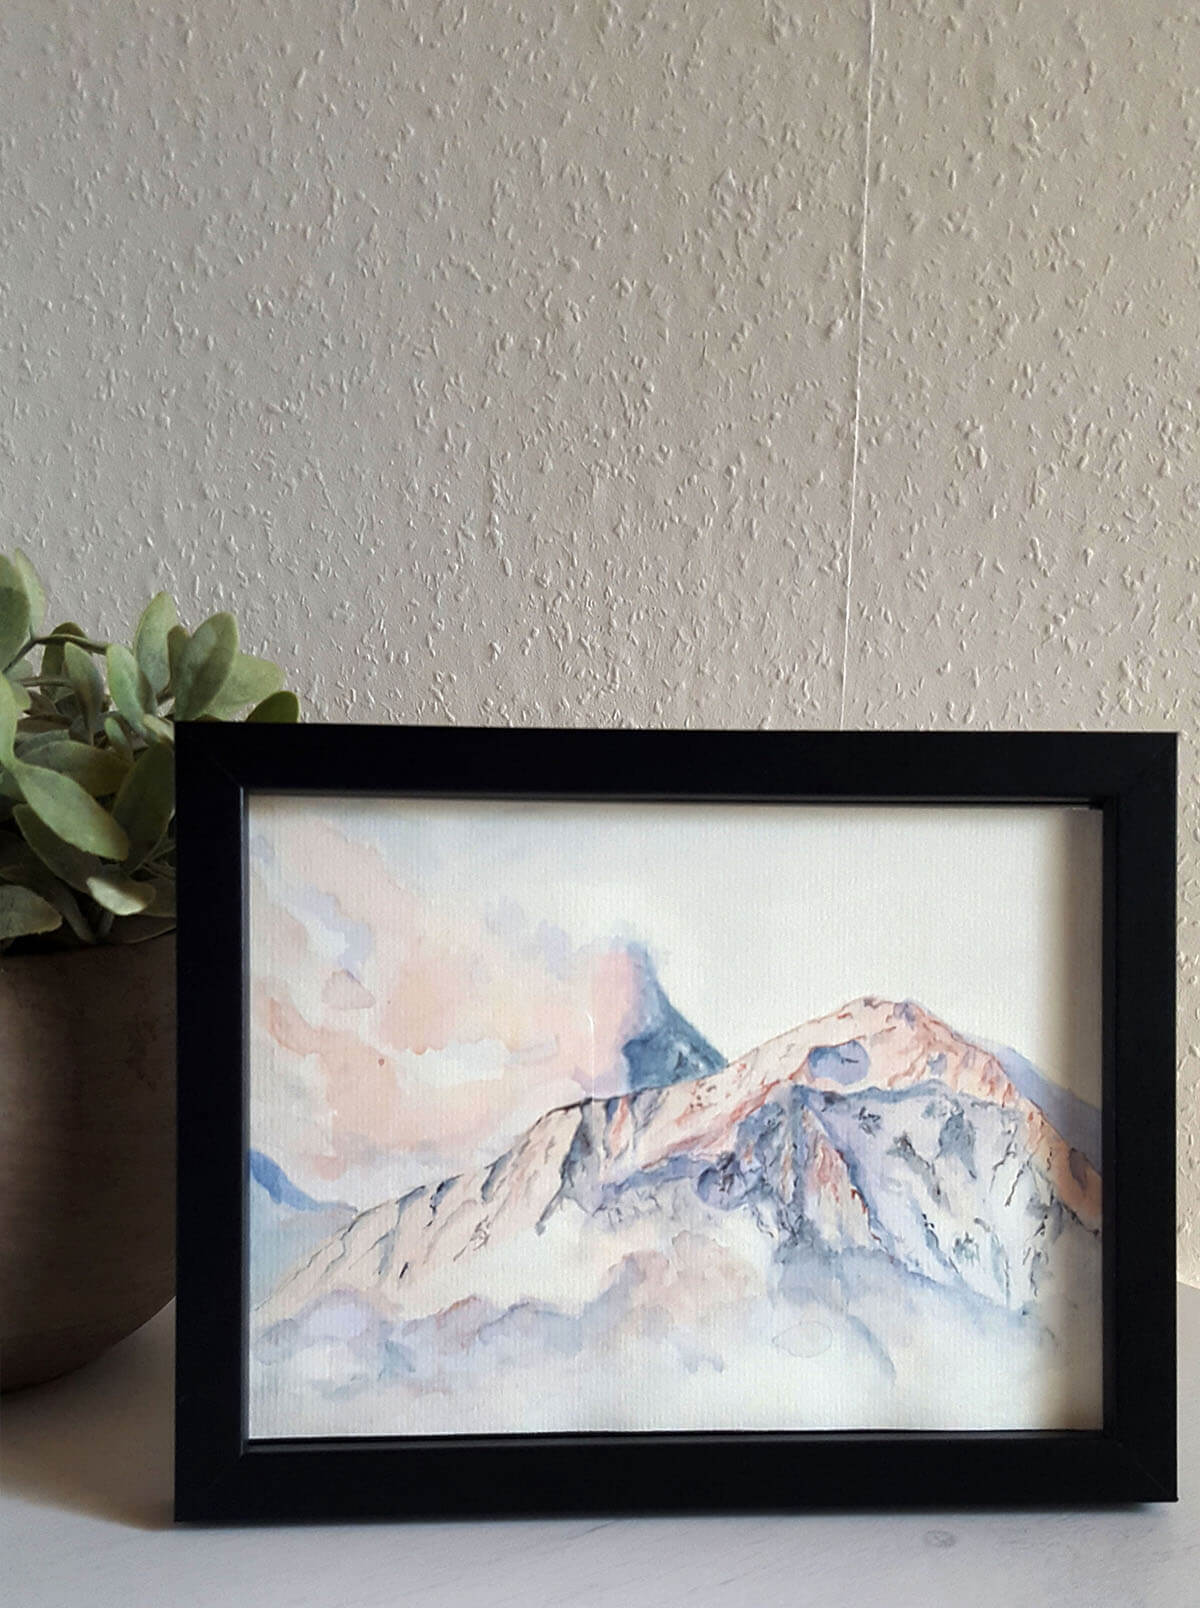 moderne kunst für dein zuhause. du kannst hier personalisierte illustrationen und aquarelle für jeden anlass bestellen